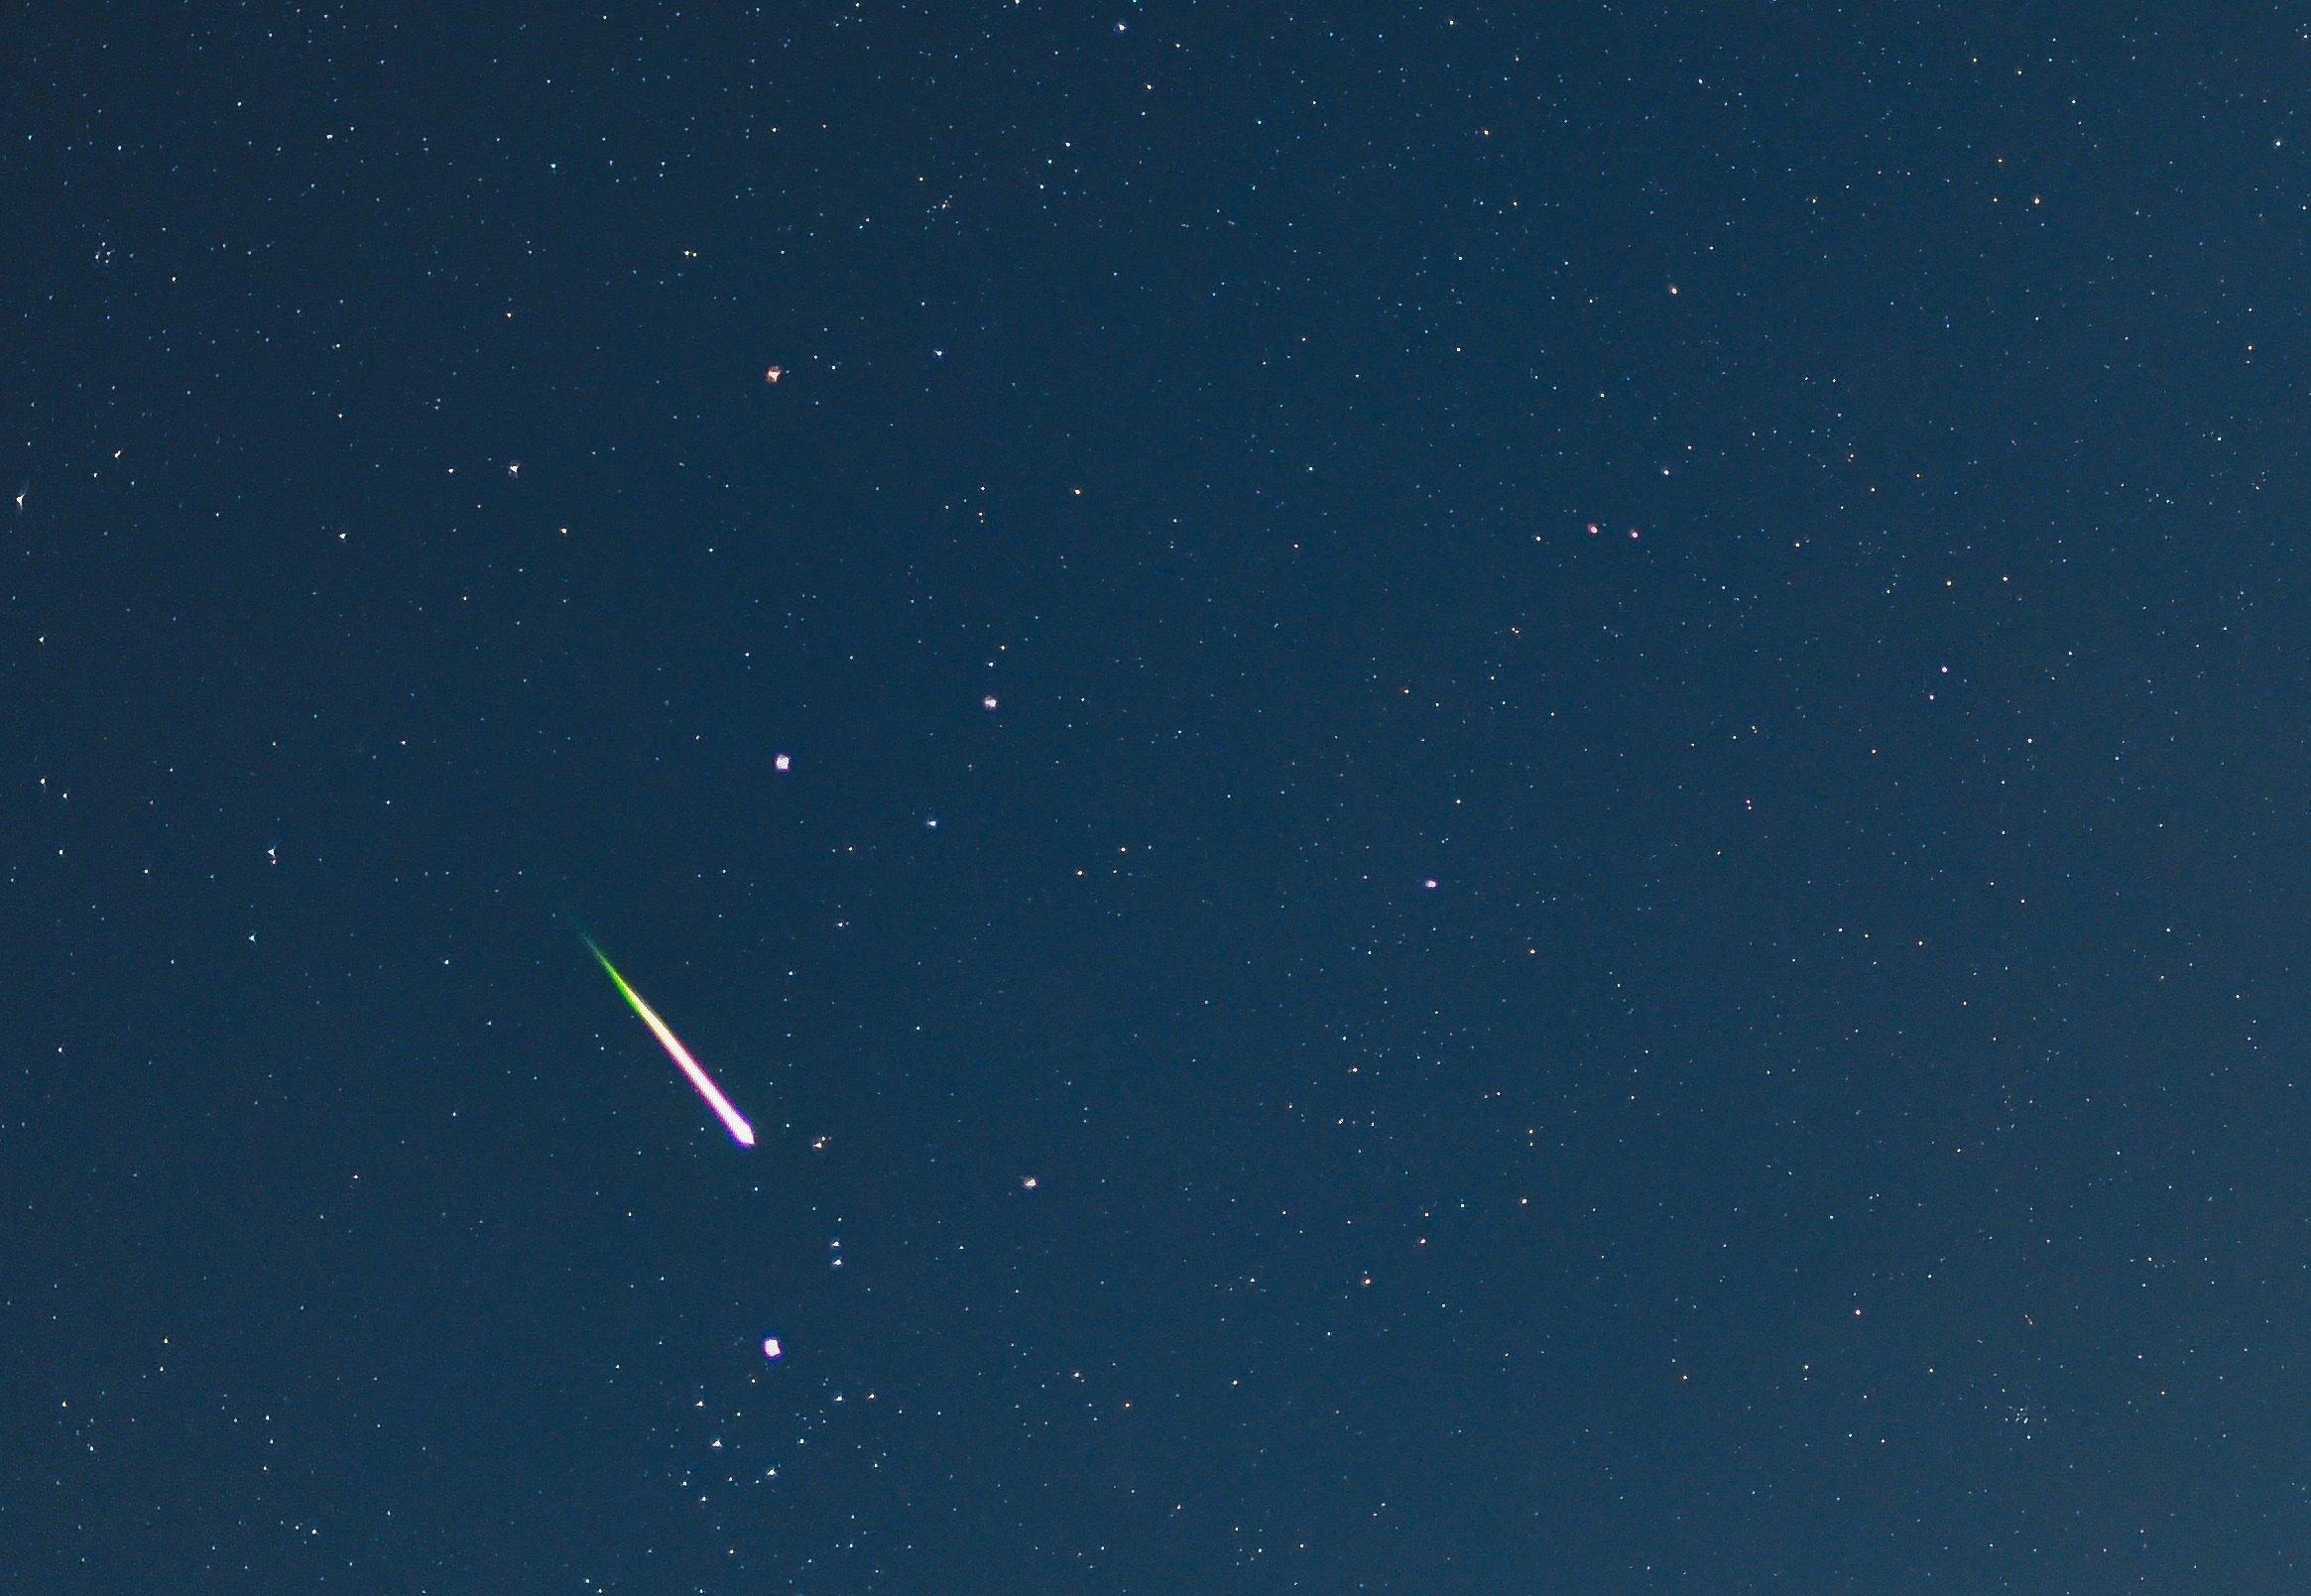 Nur ein Einzelfall: Eine Sternschnuppe leuchtet am Nachthimmel am 12. August 2014 über dem Landkreis Oder-Spree nahe Sieversdorf (Brandenburg). In diesem Jahr dürfen sich Sternengucker auf beonders viele Sternschnuppen freuen.